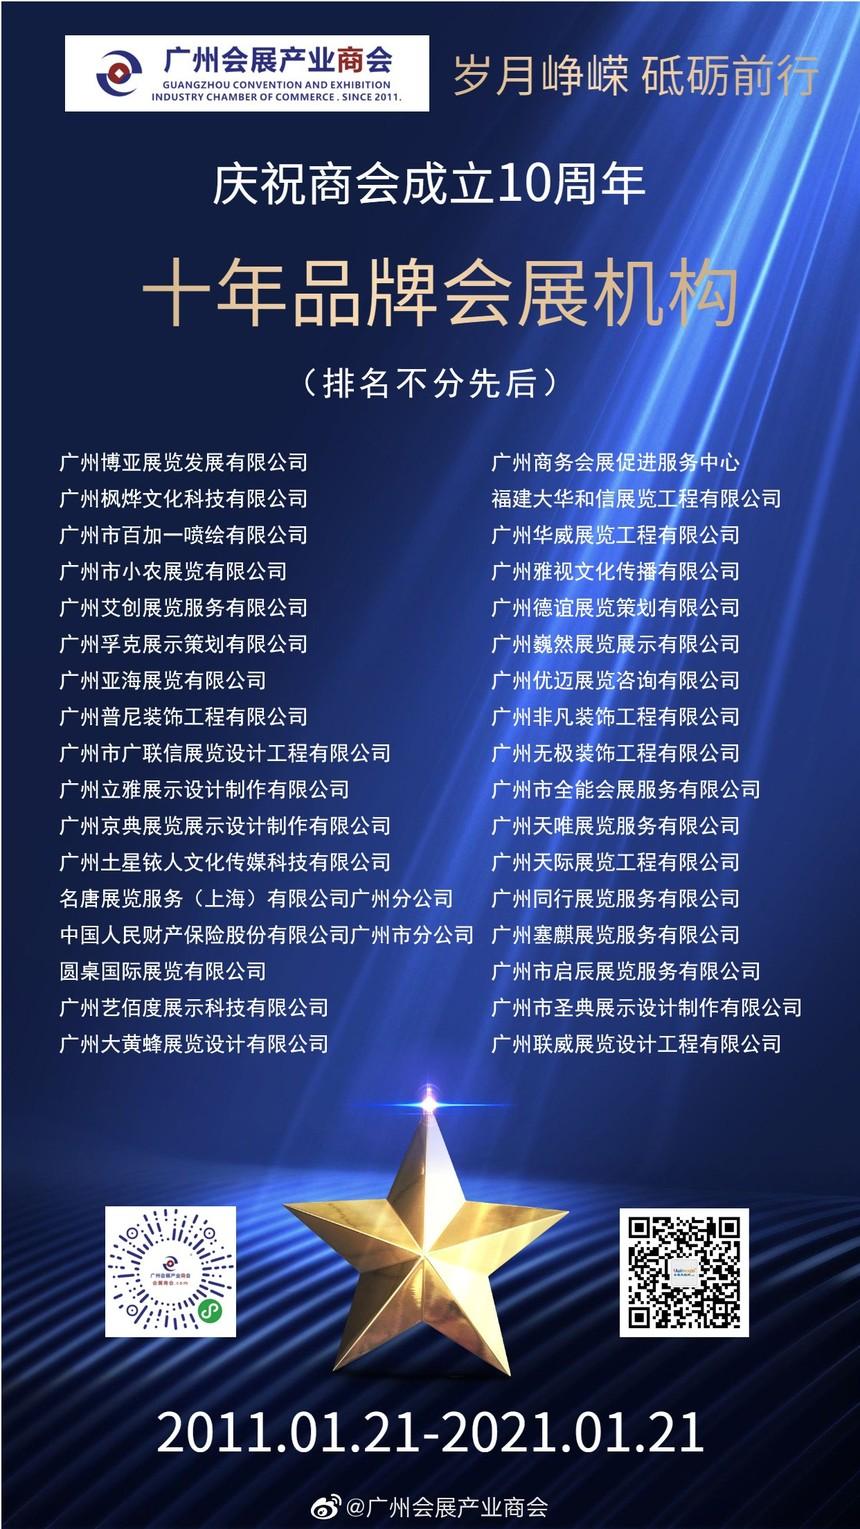 10周年海报.jpg